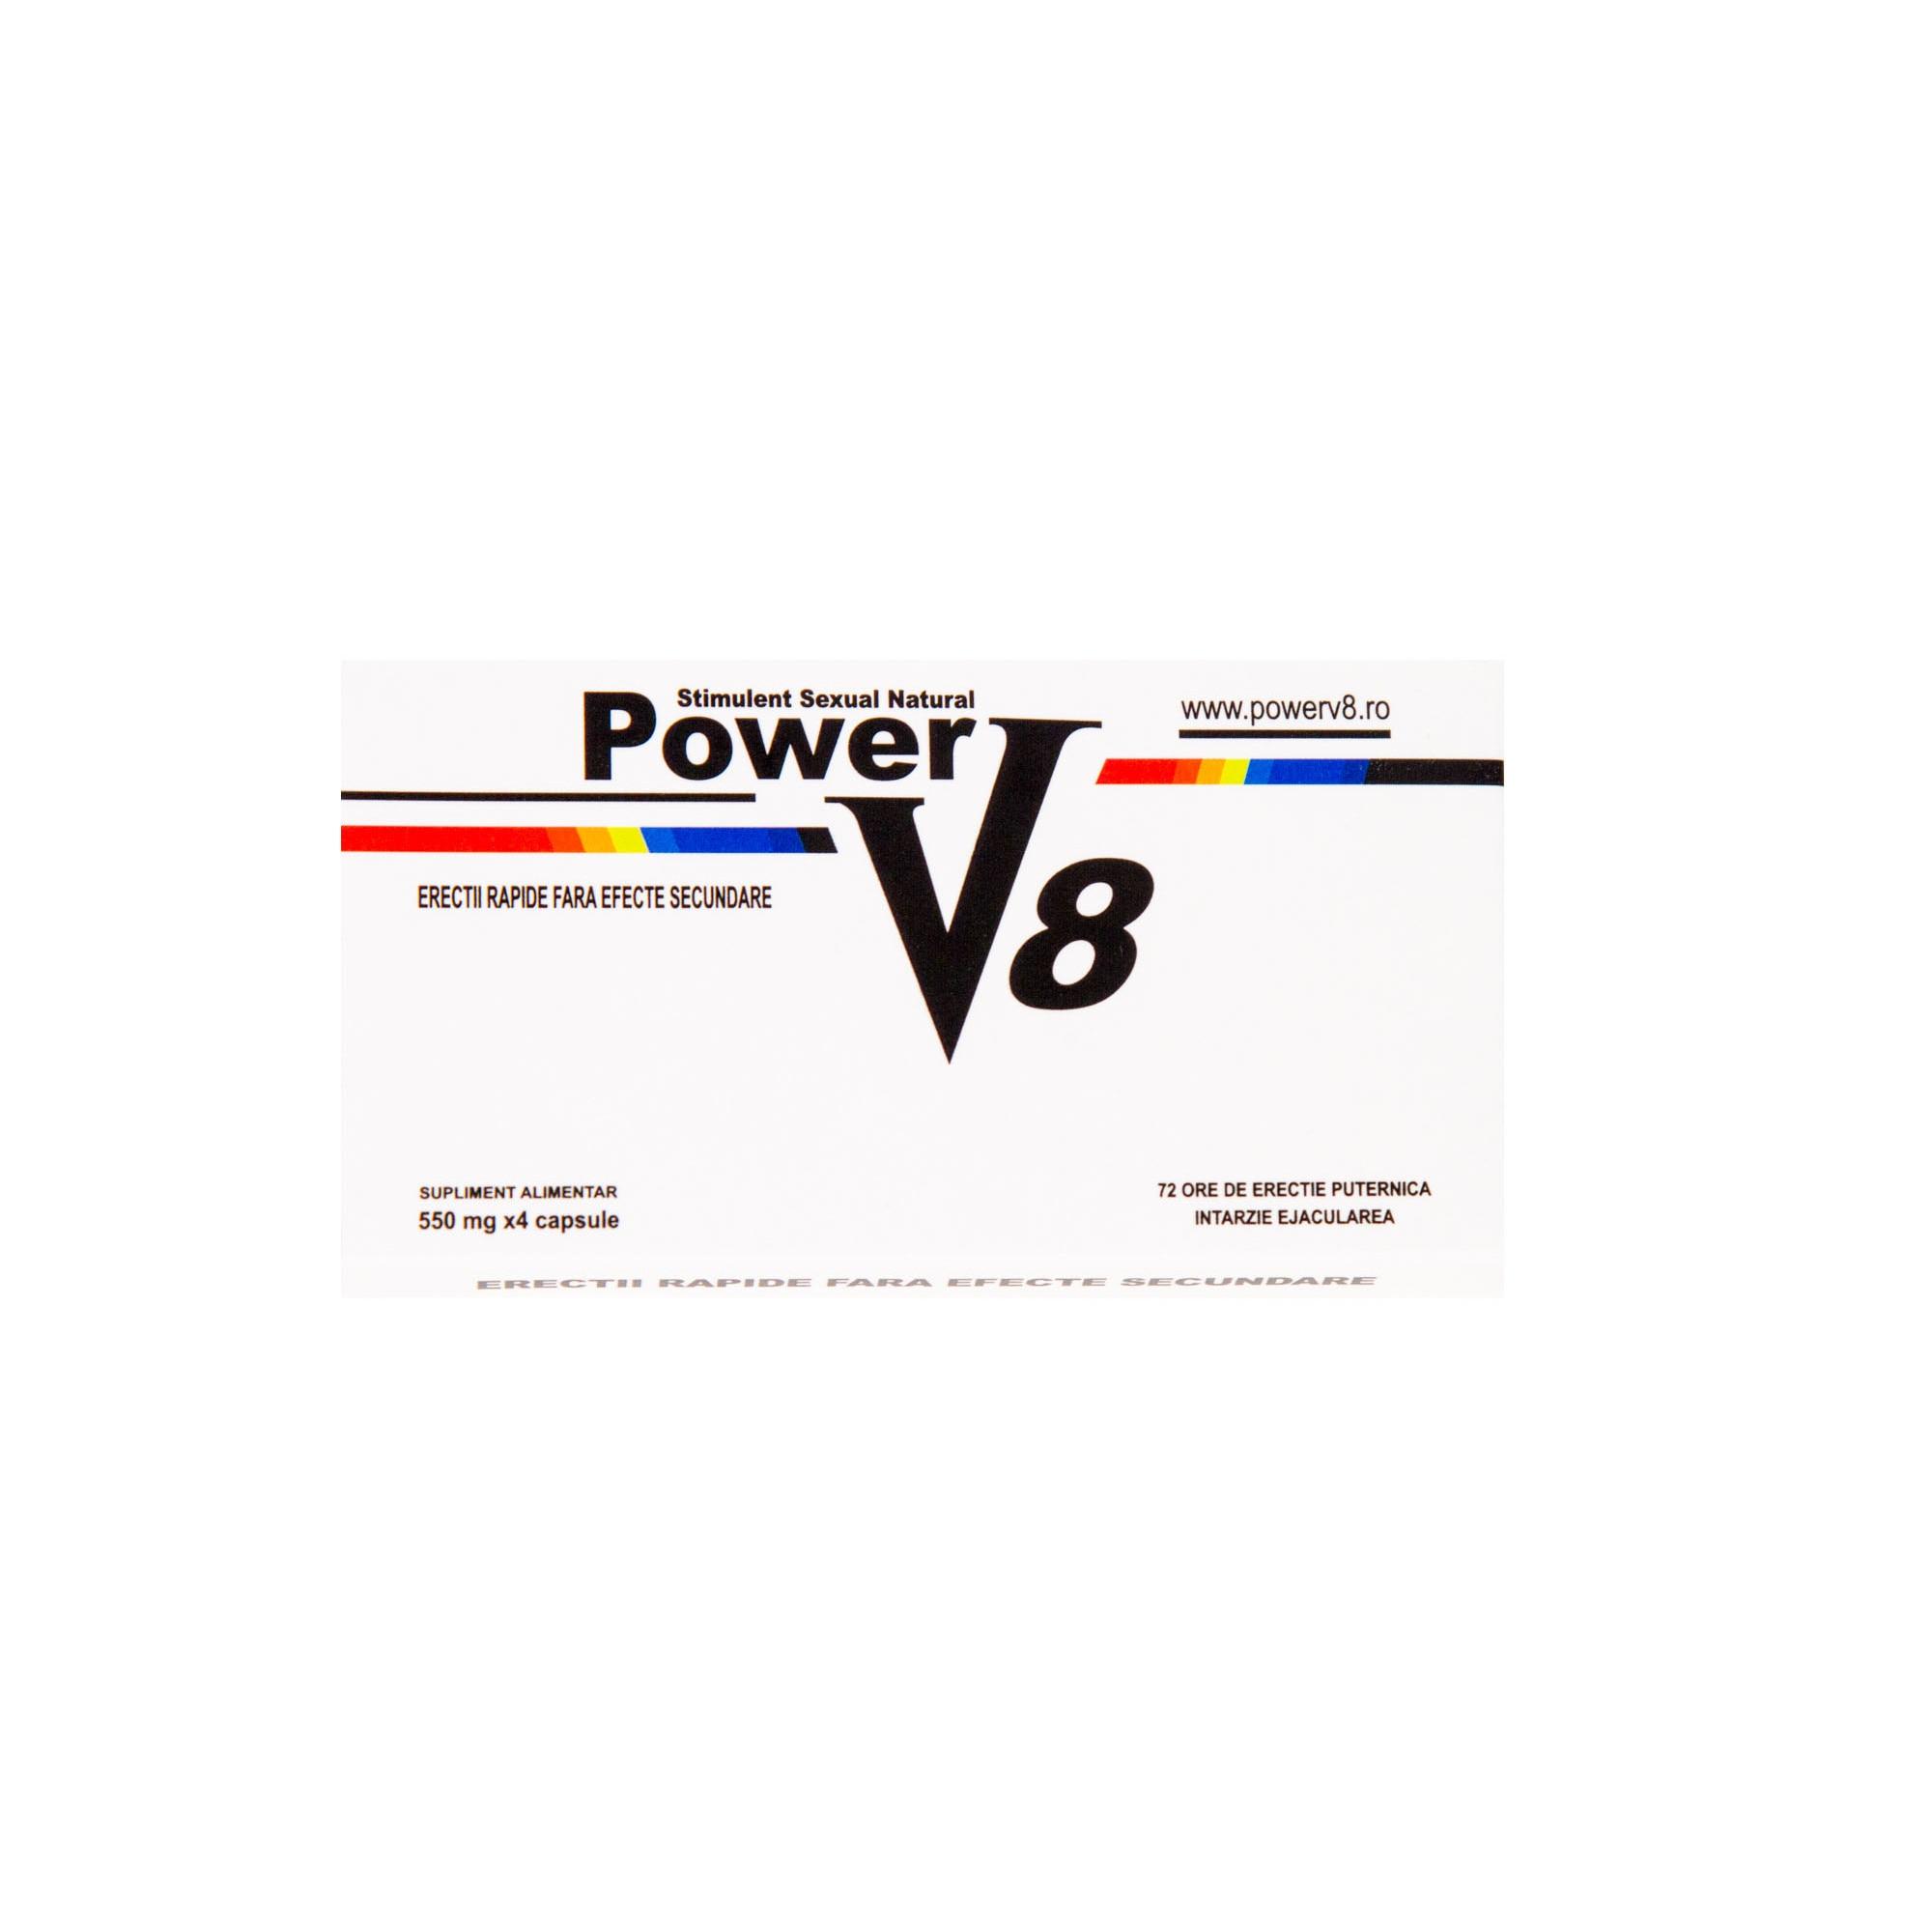 Power V8, Pastile Pentru Potenta Si Erectie, Produs % Natural, 4 Capsule - bogdanbarabas.ro